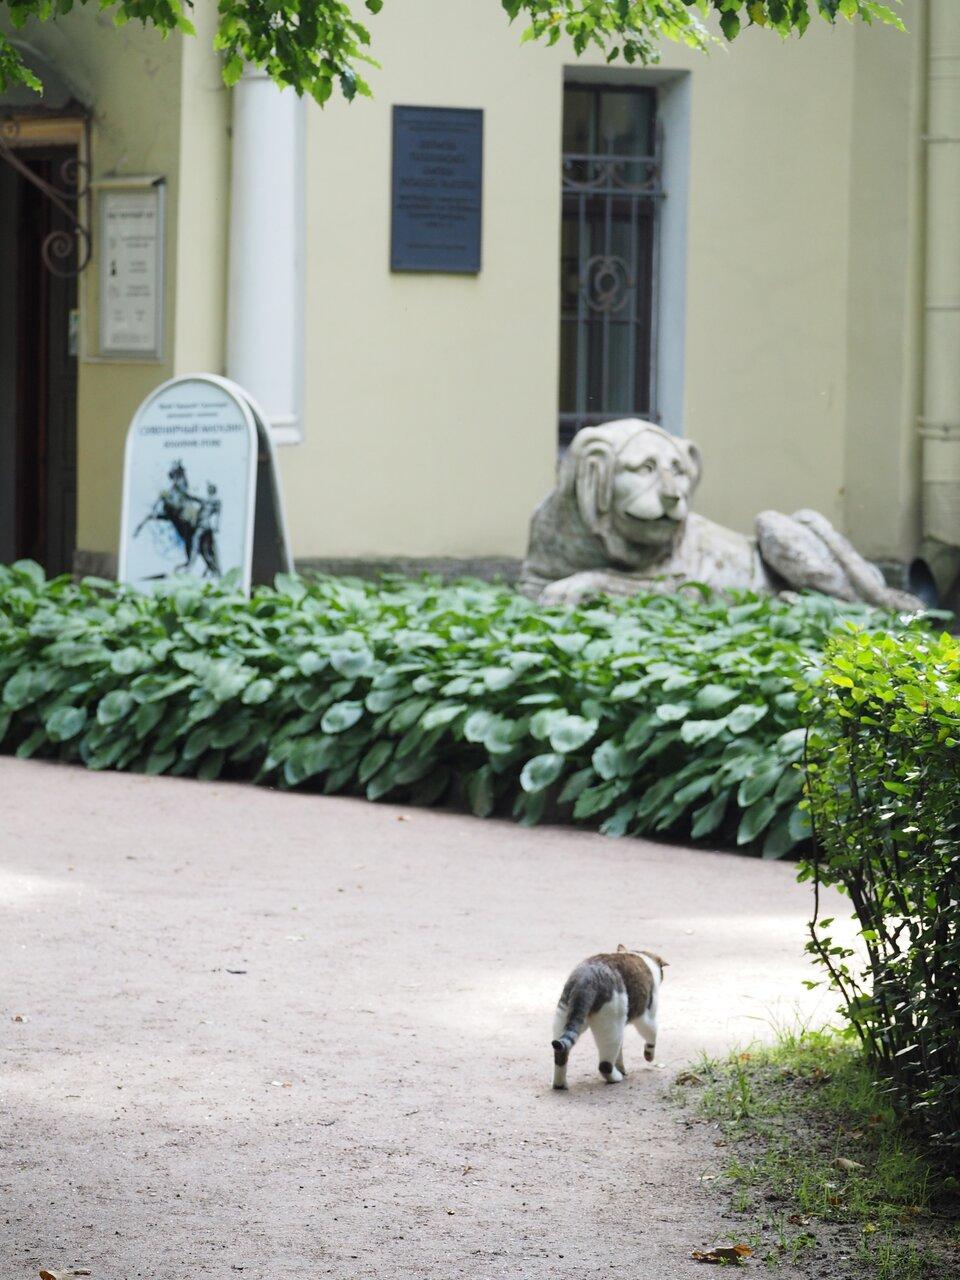 будто они музей городской скульптуры в санкт петербурге фото оценки включают